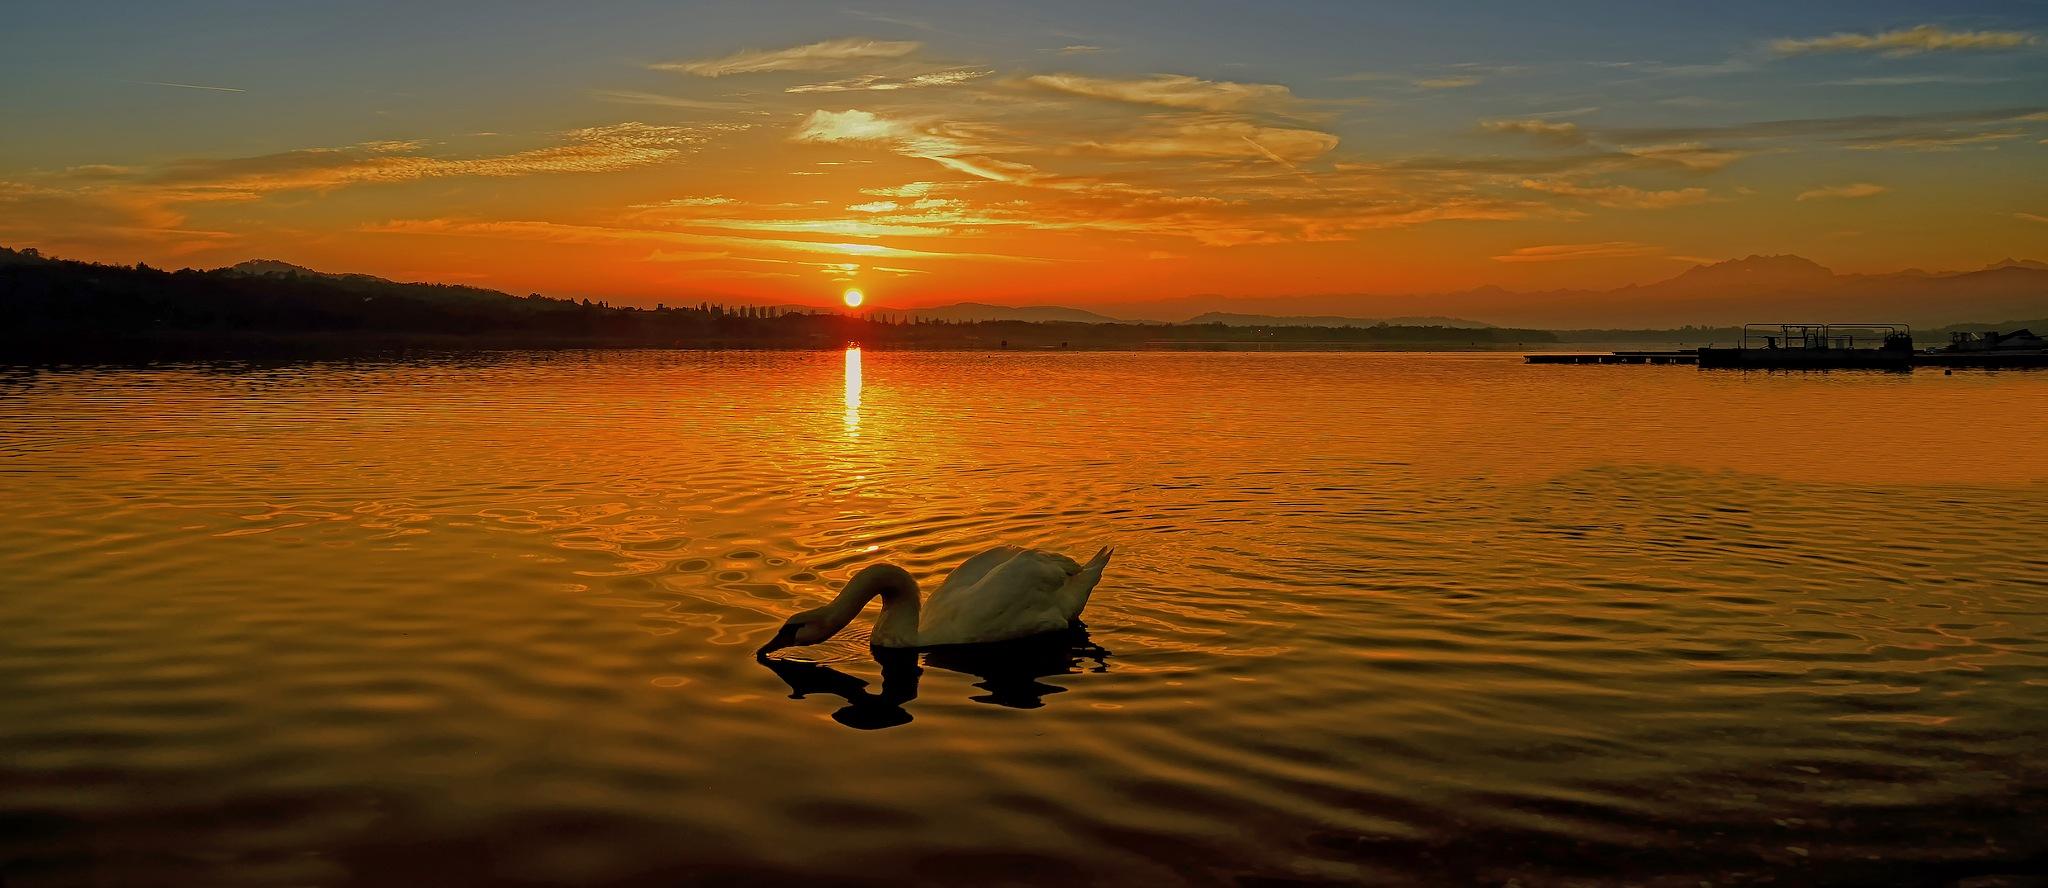 The Swan by erino.gualberto